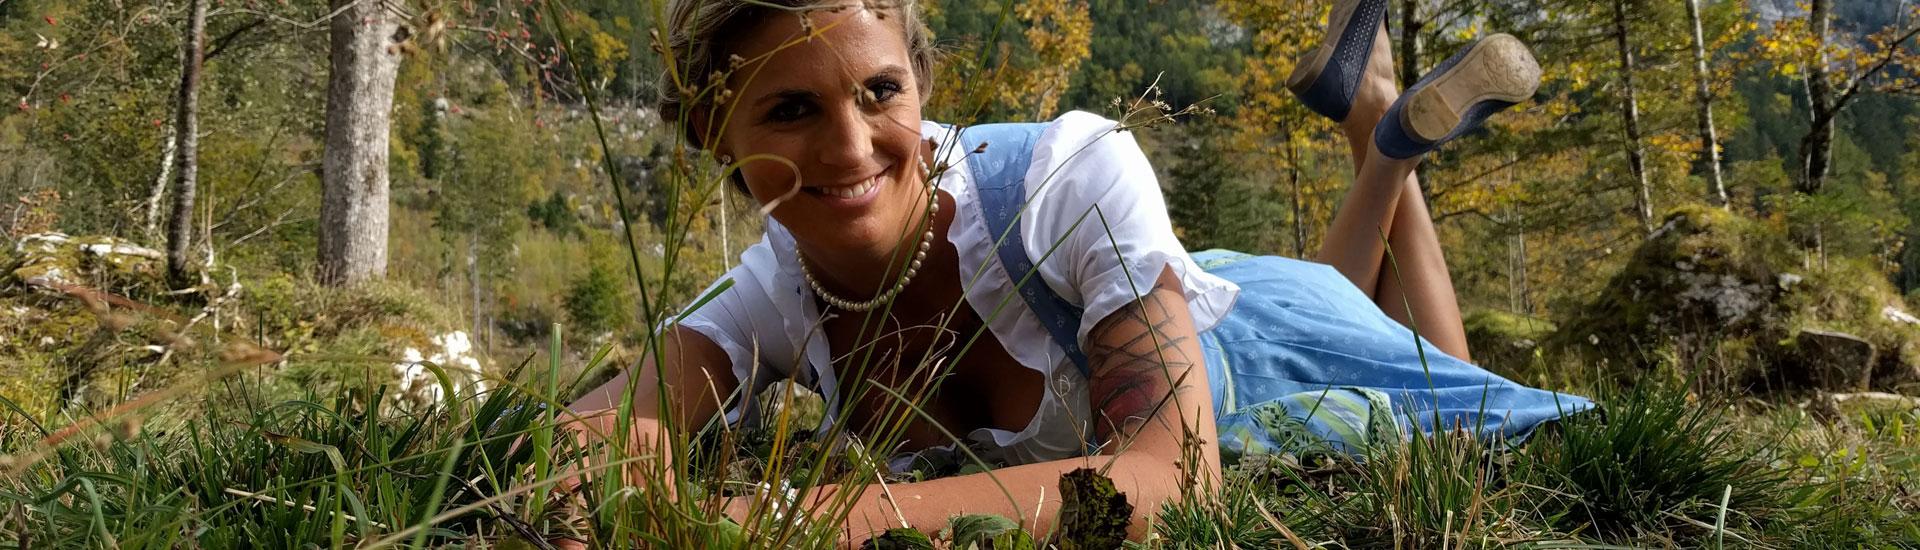 Model Lisa posiert im Gras